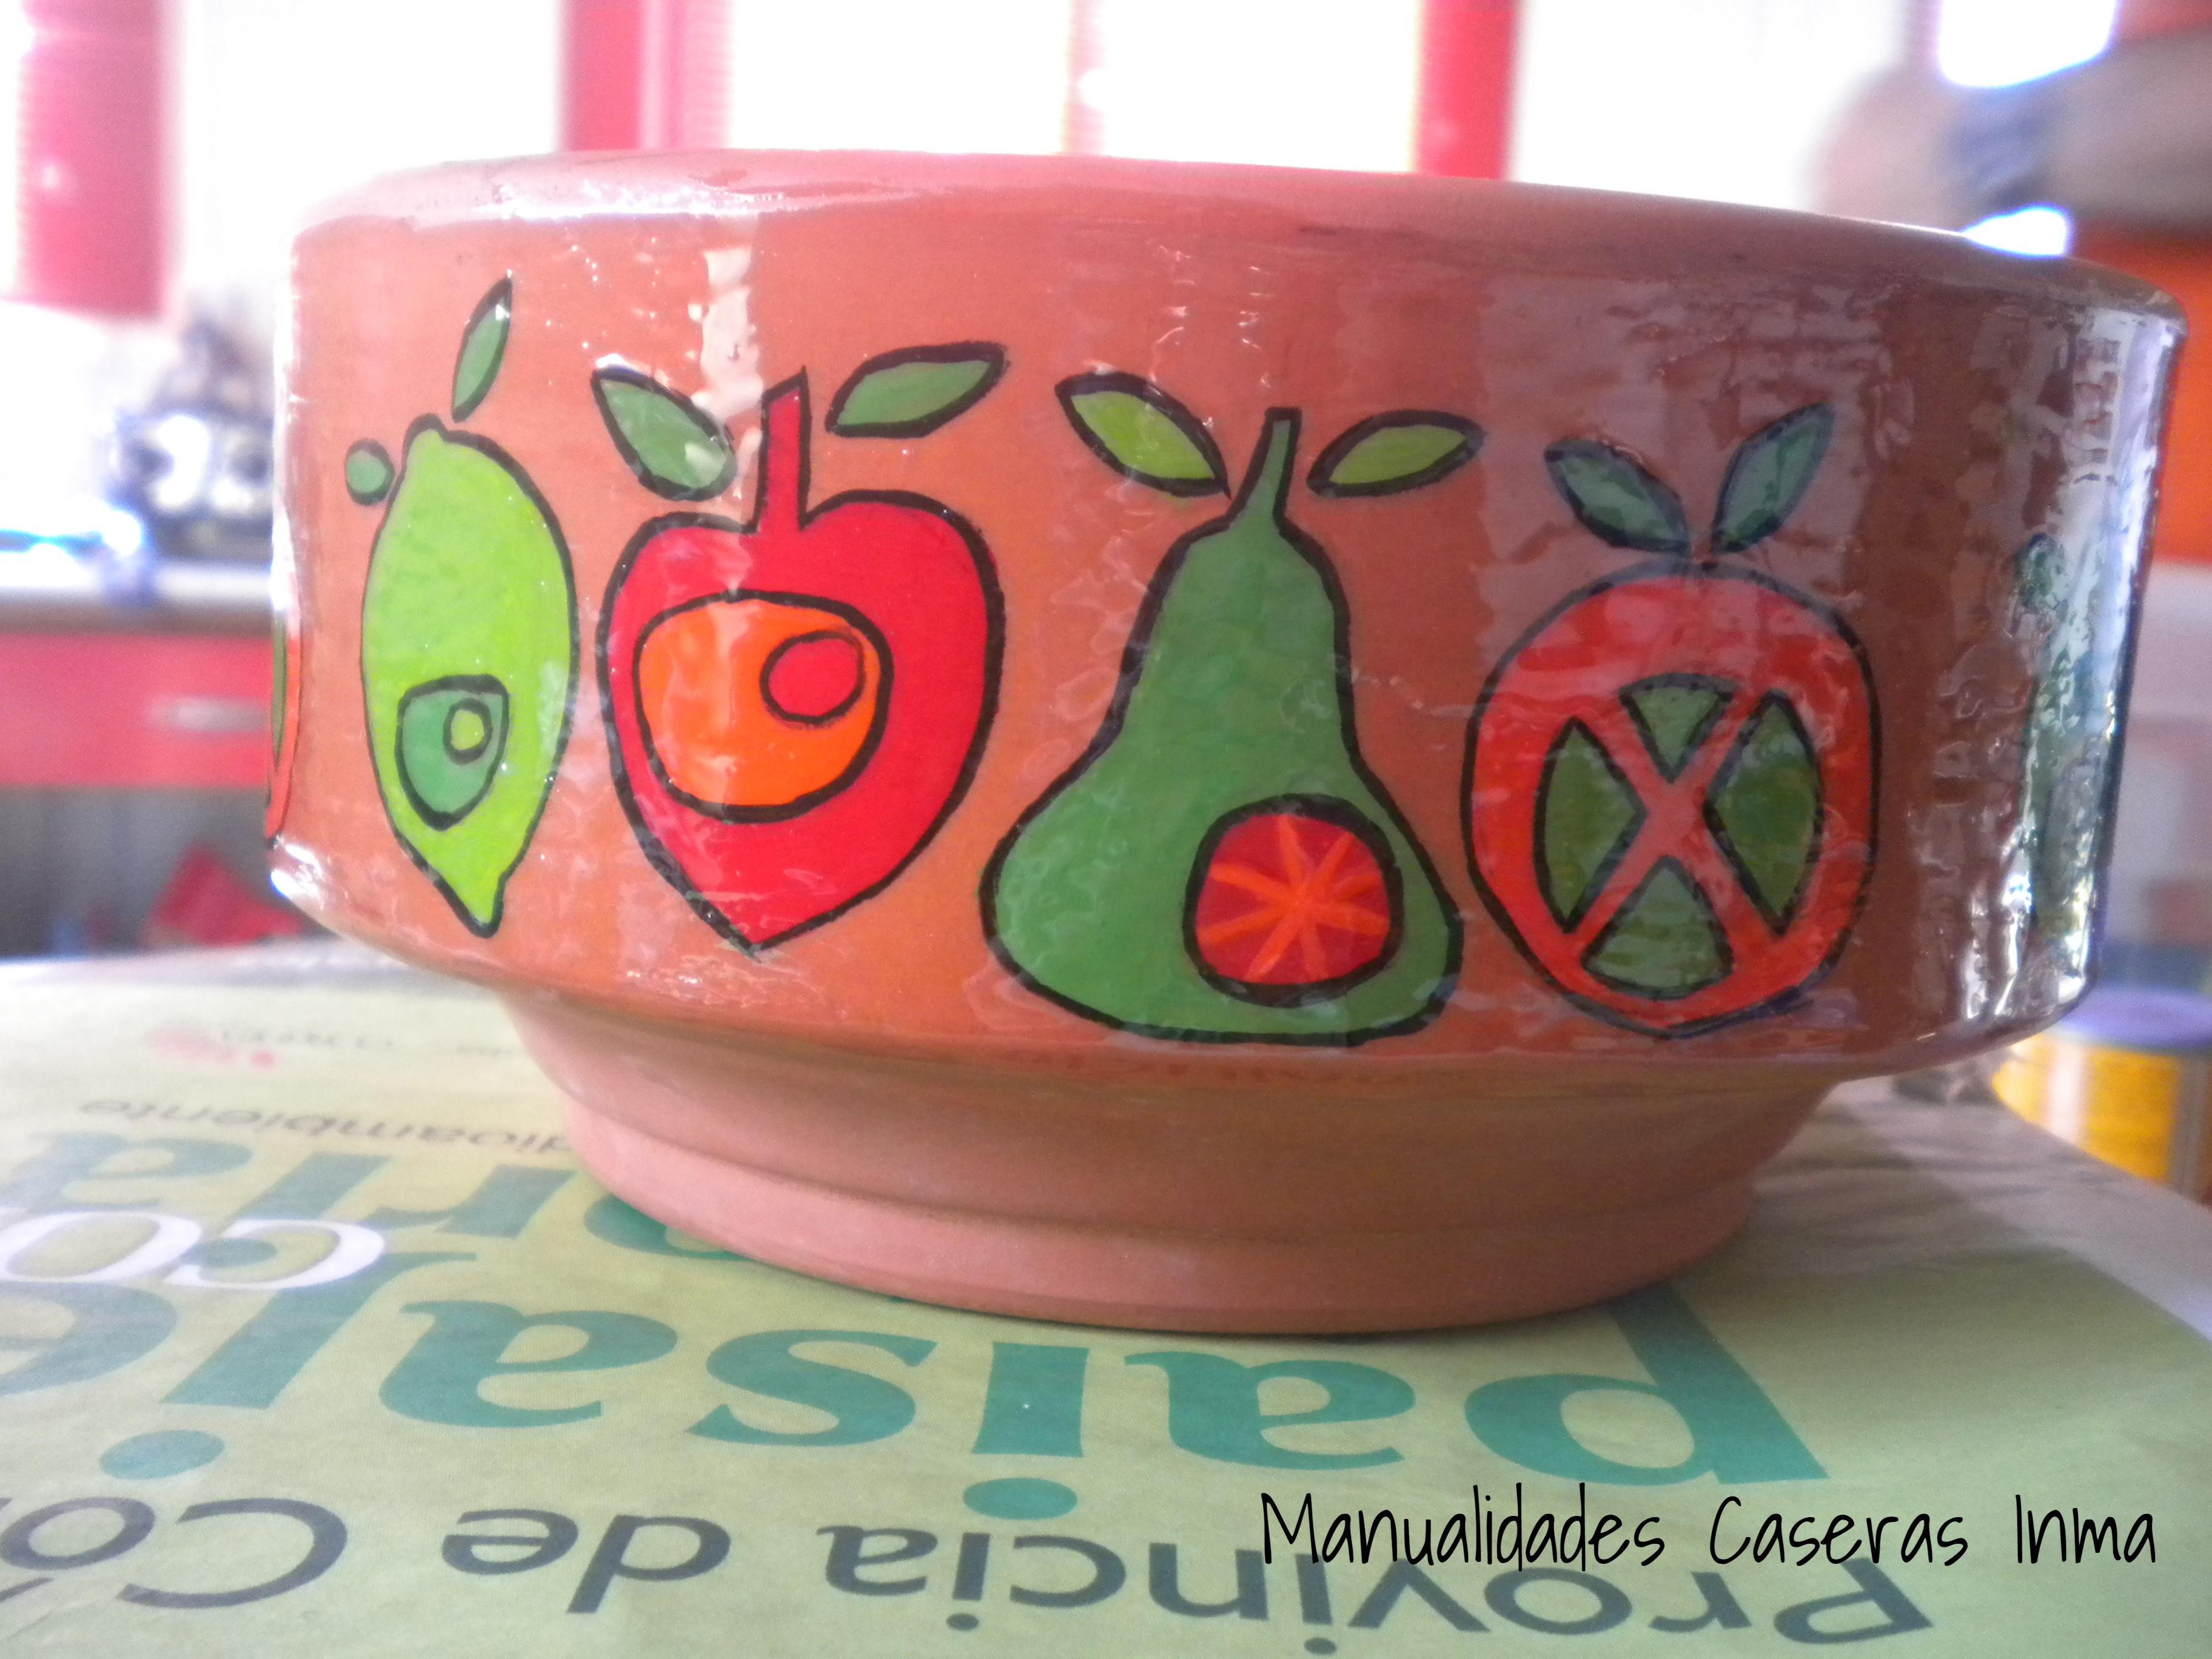 Manualidades Caseras Inma Maceta de Cerámica decorada con Frutas perfiladas y esmaltadas